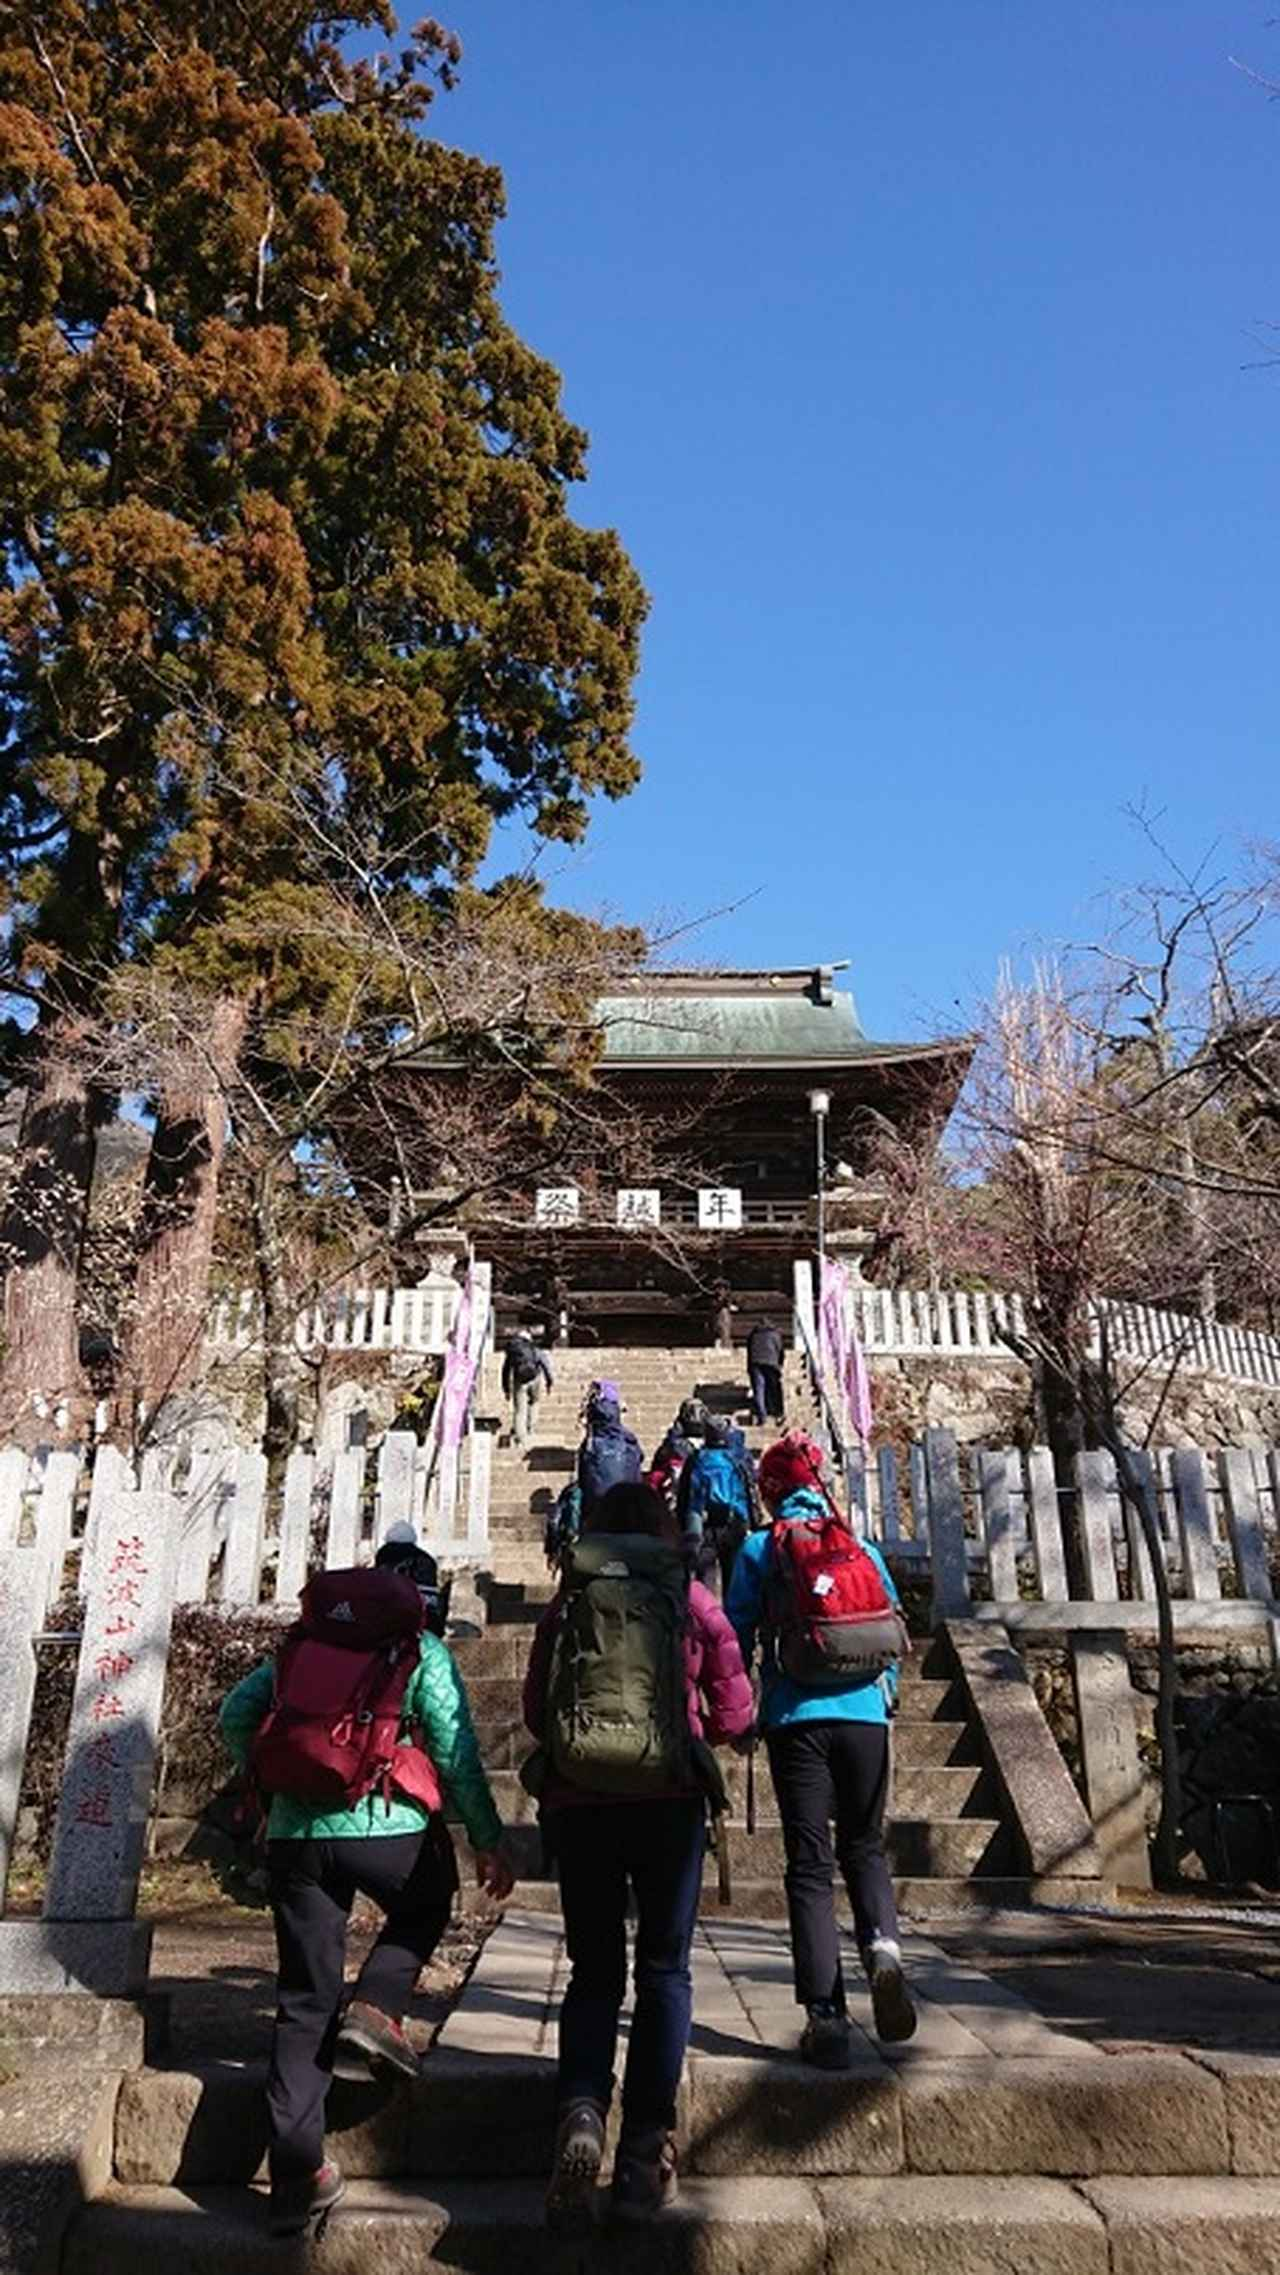 画像1: 2月2日に佐藤優ガイドと 「ごちそう山」 シリーズで、 筑波山 へ行って来ました♪